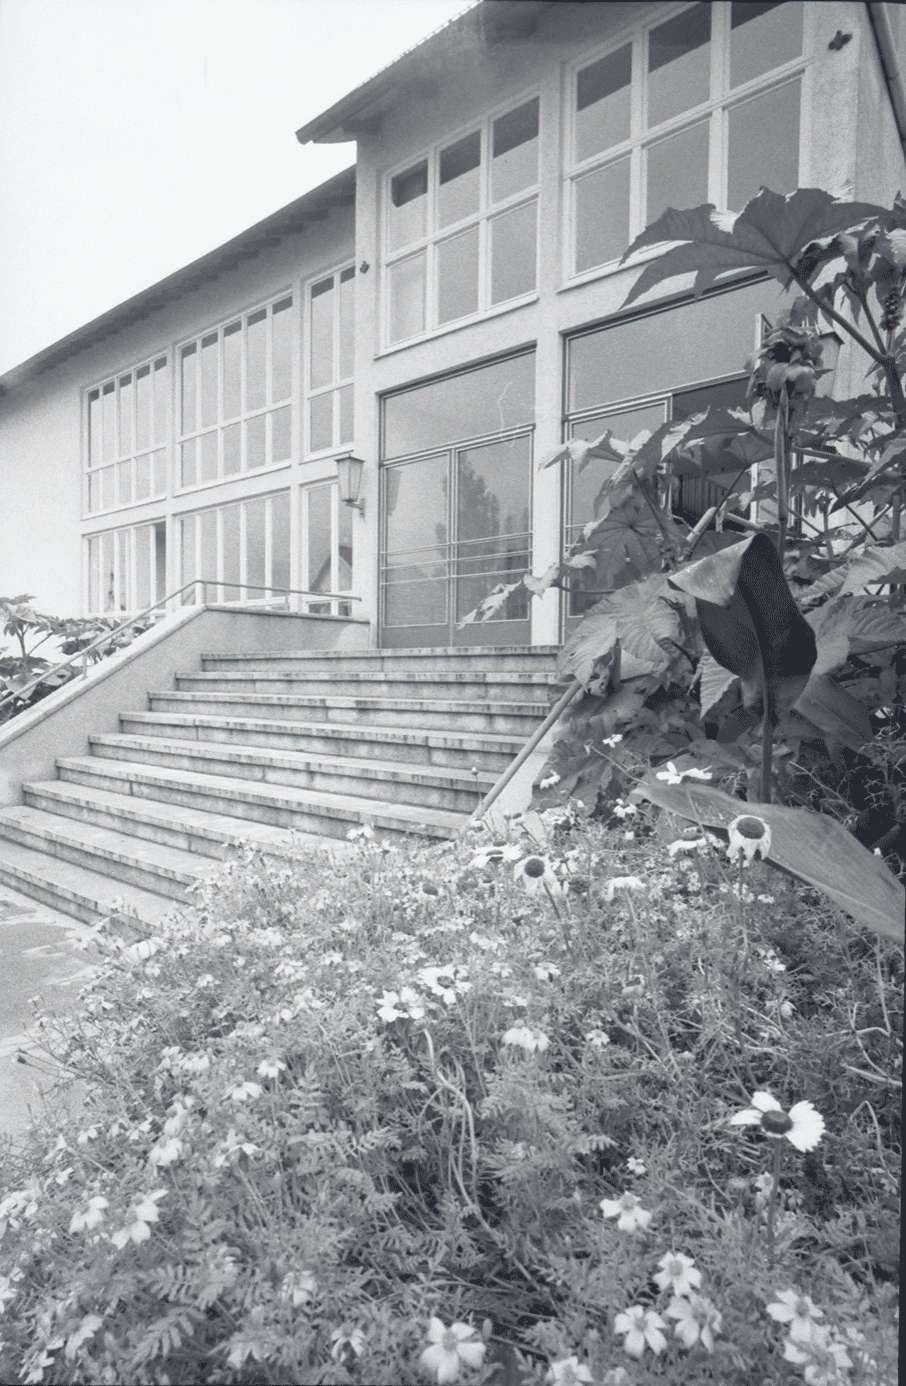 Gernsbach: 1. Papiermacherschule in der Gewerbeschule; Außenansicht, Treppe am Eingang und Blumen, Bild 1